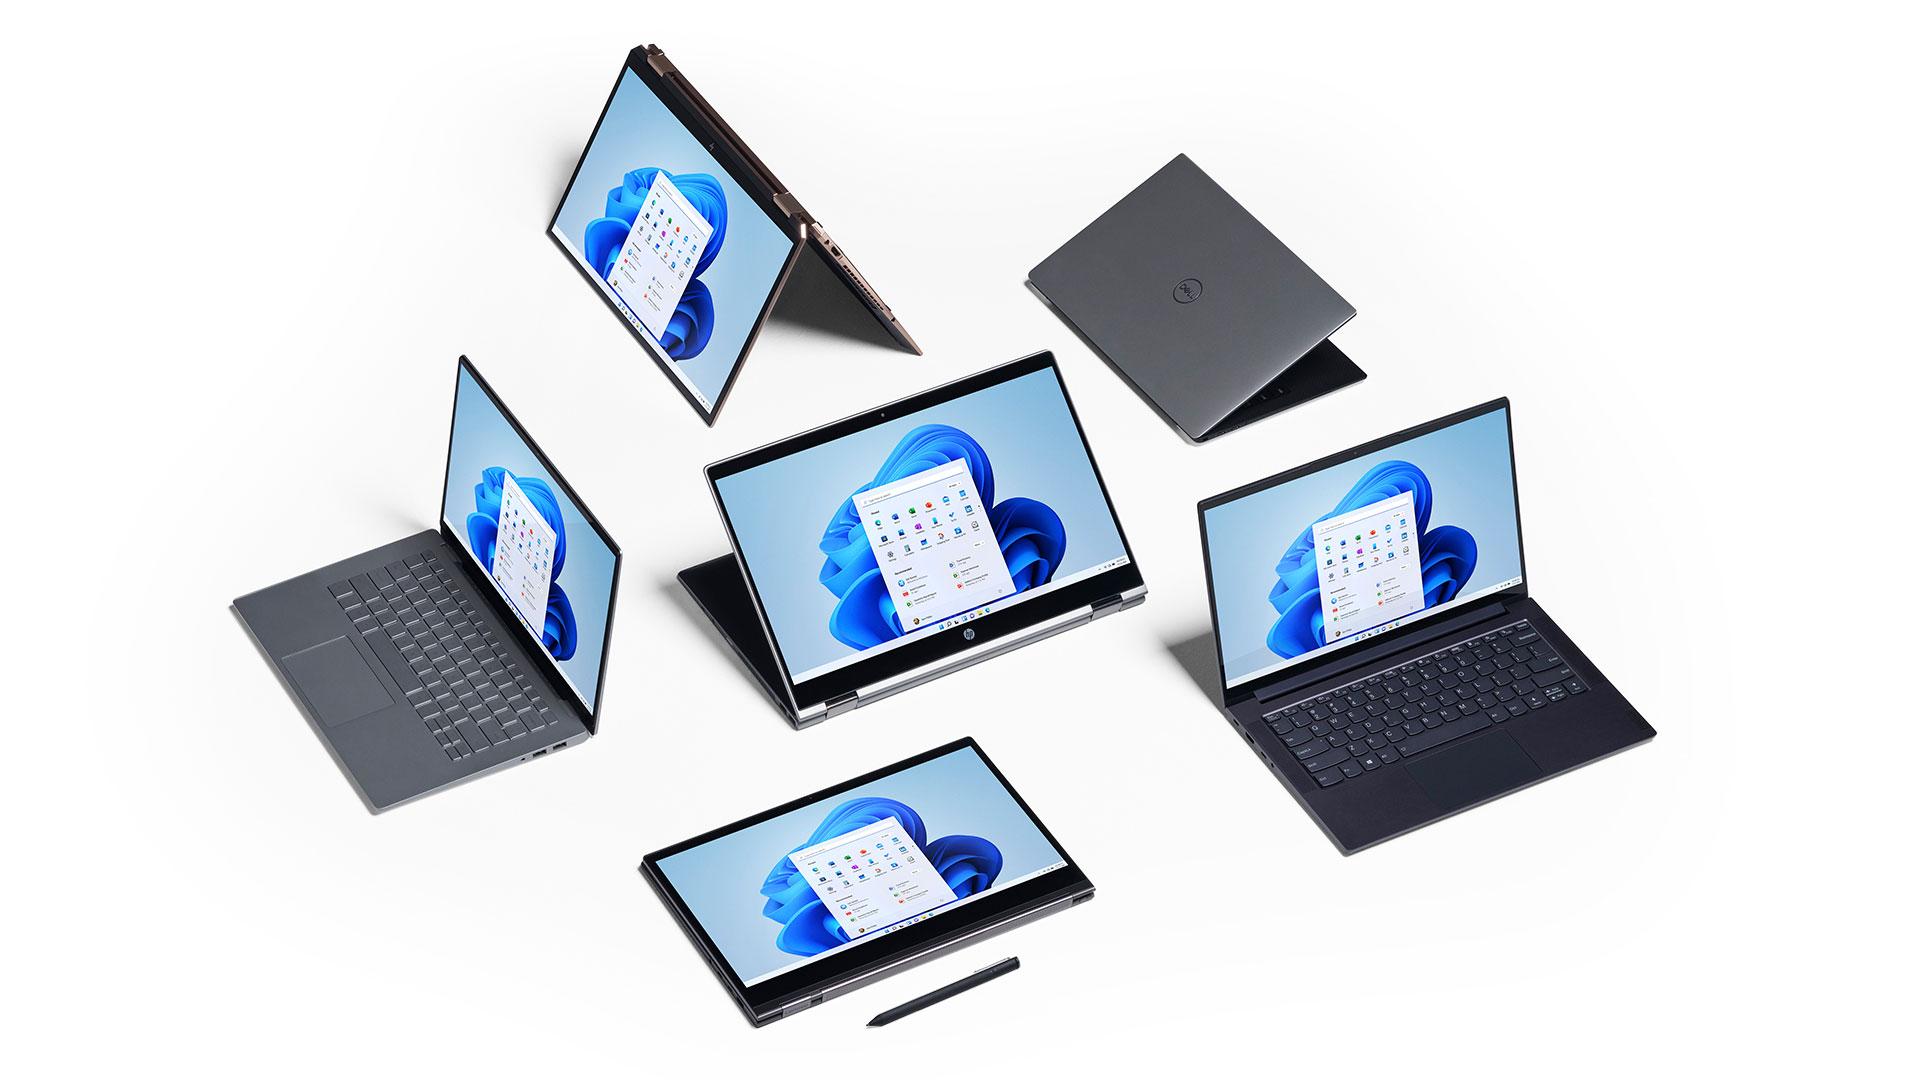 مجموعة من 6 أجهزة كمبيوتر تعمل بنظام Windows 11